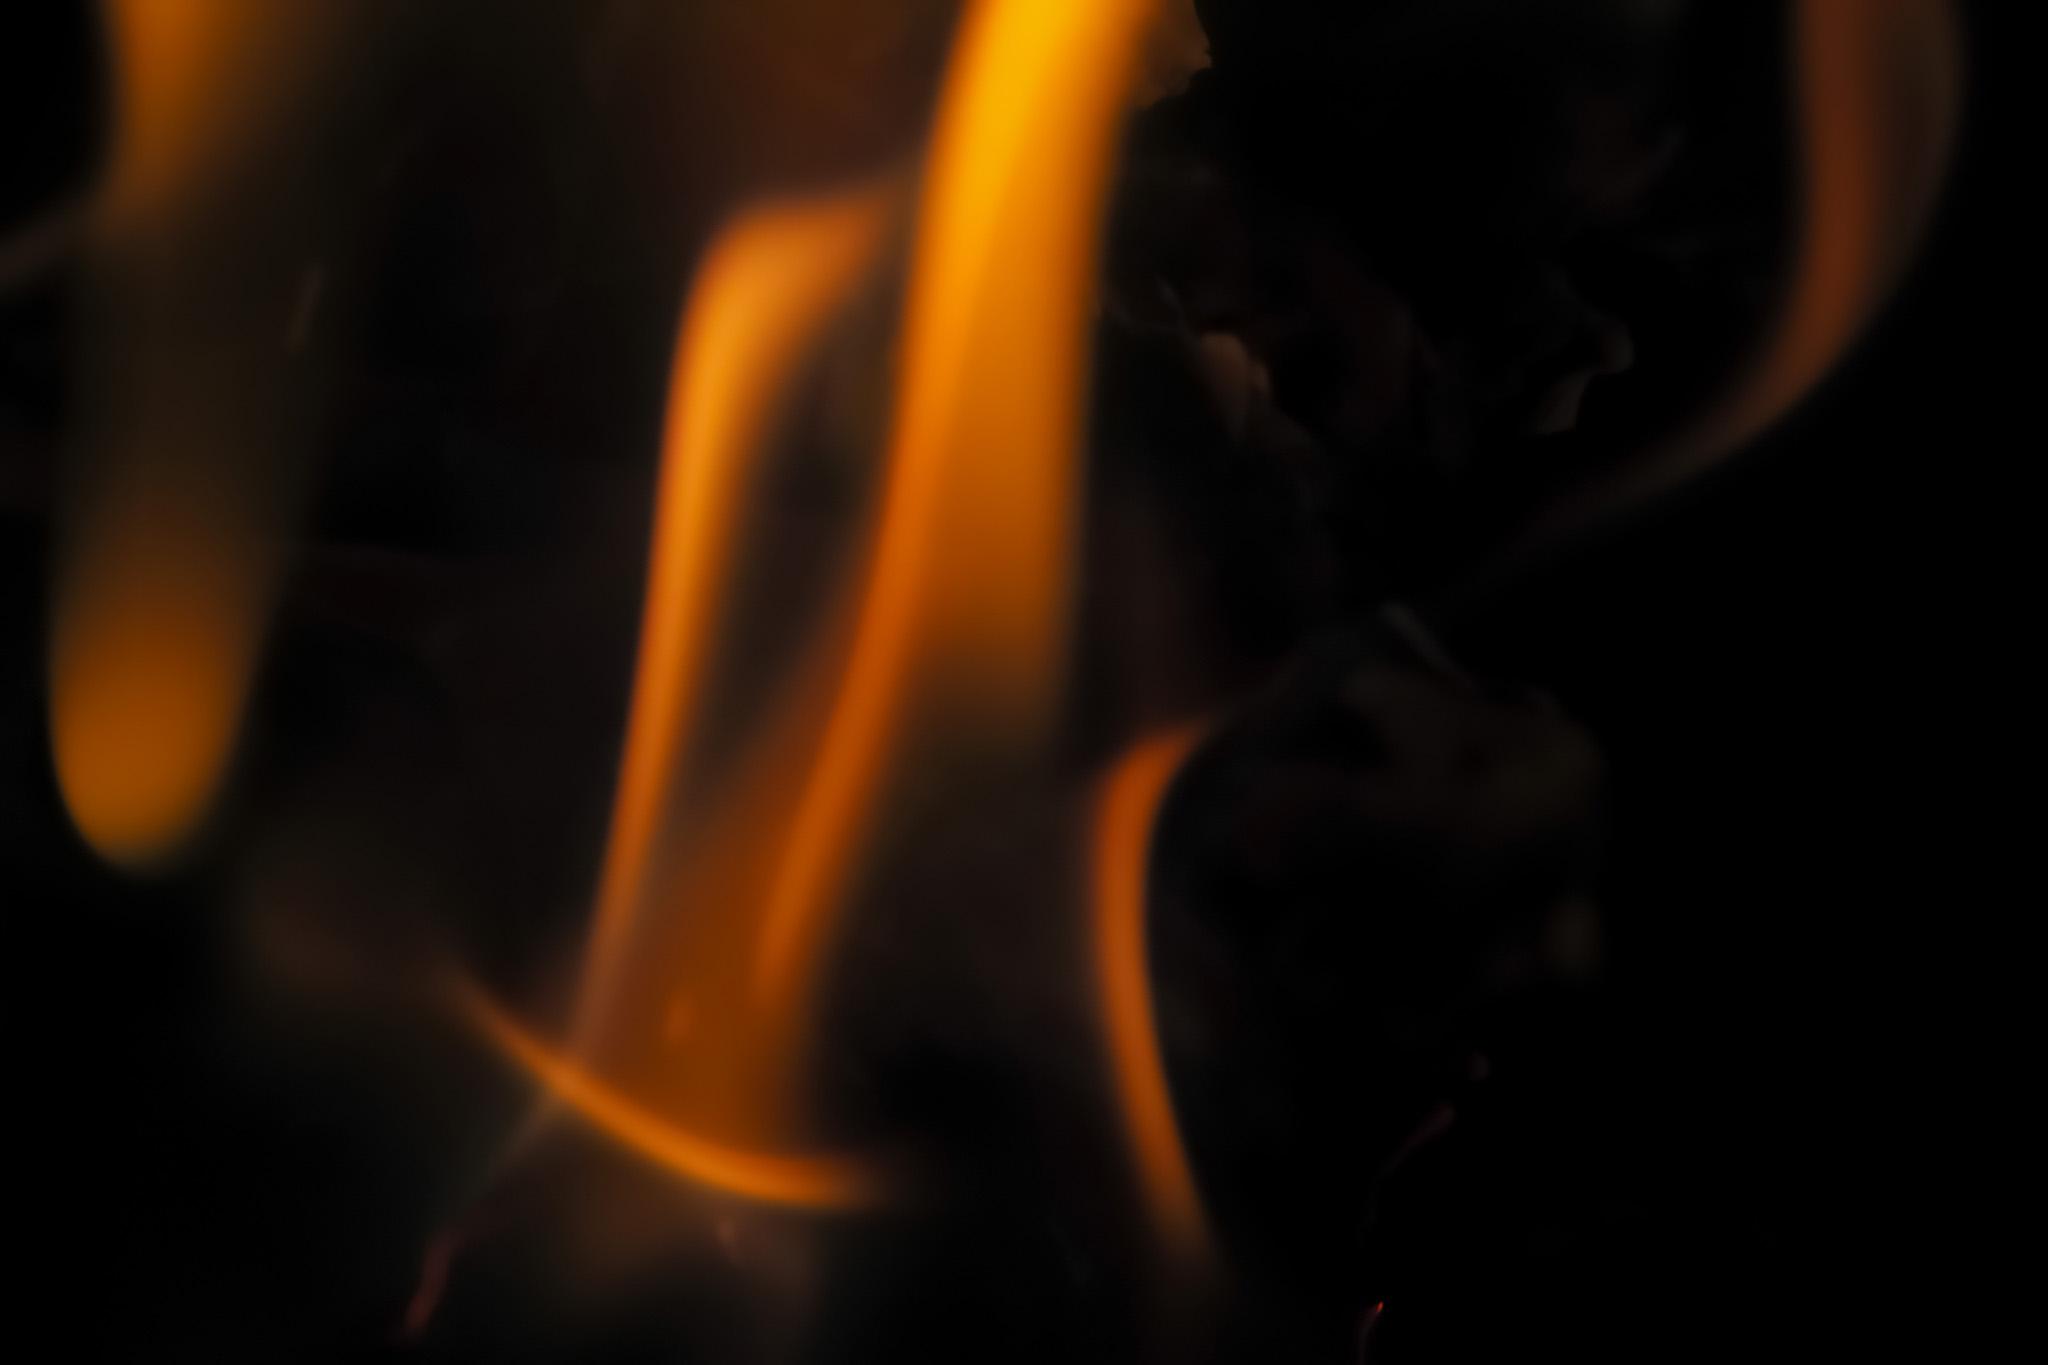 「踊るように燃える炎」の素材を無料ダウンロード